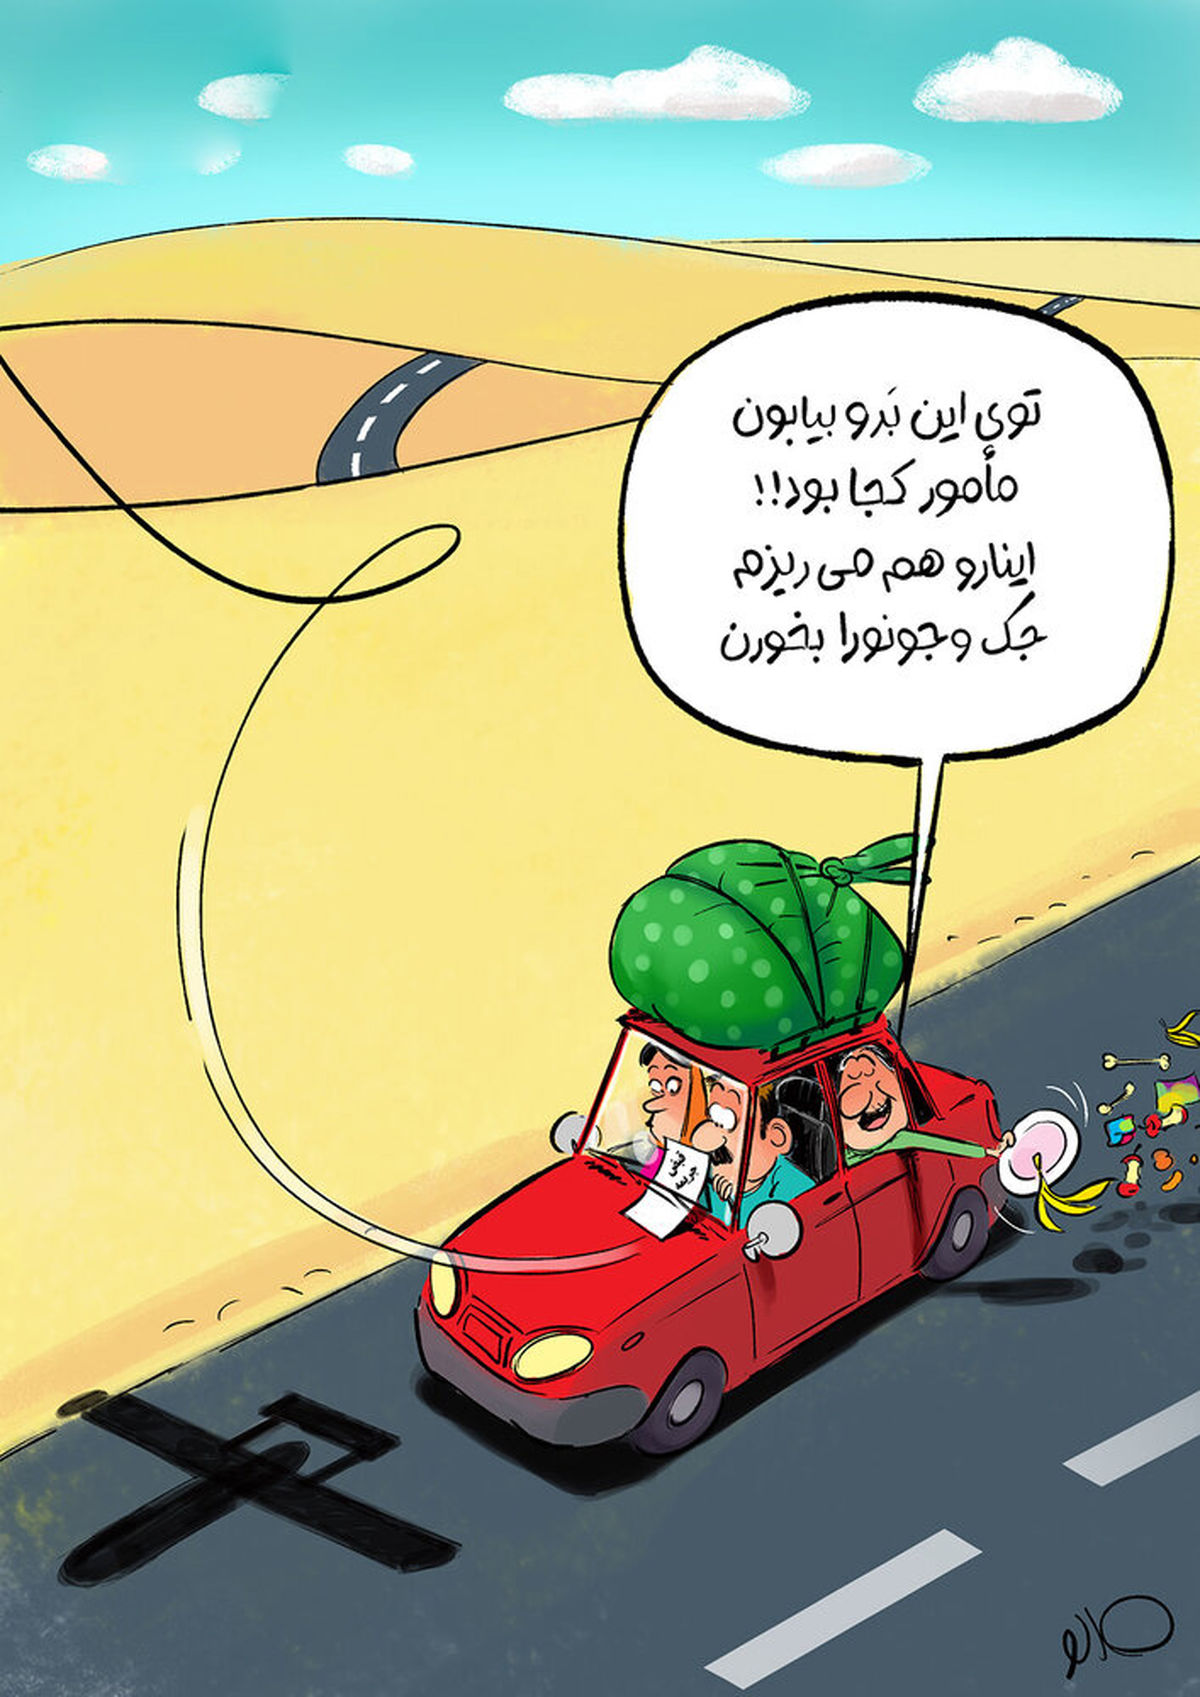 جریمه مسافران نوروزی با پهپاد! +کاریکاتور